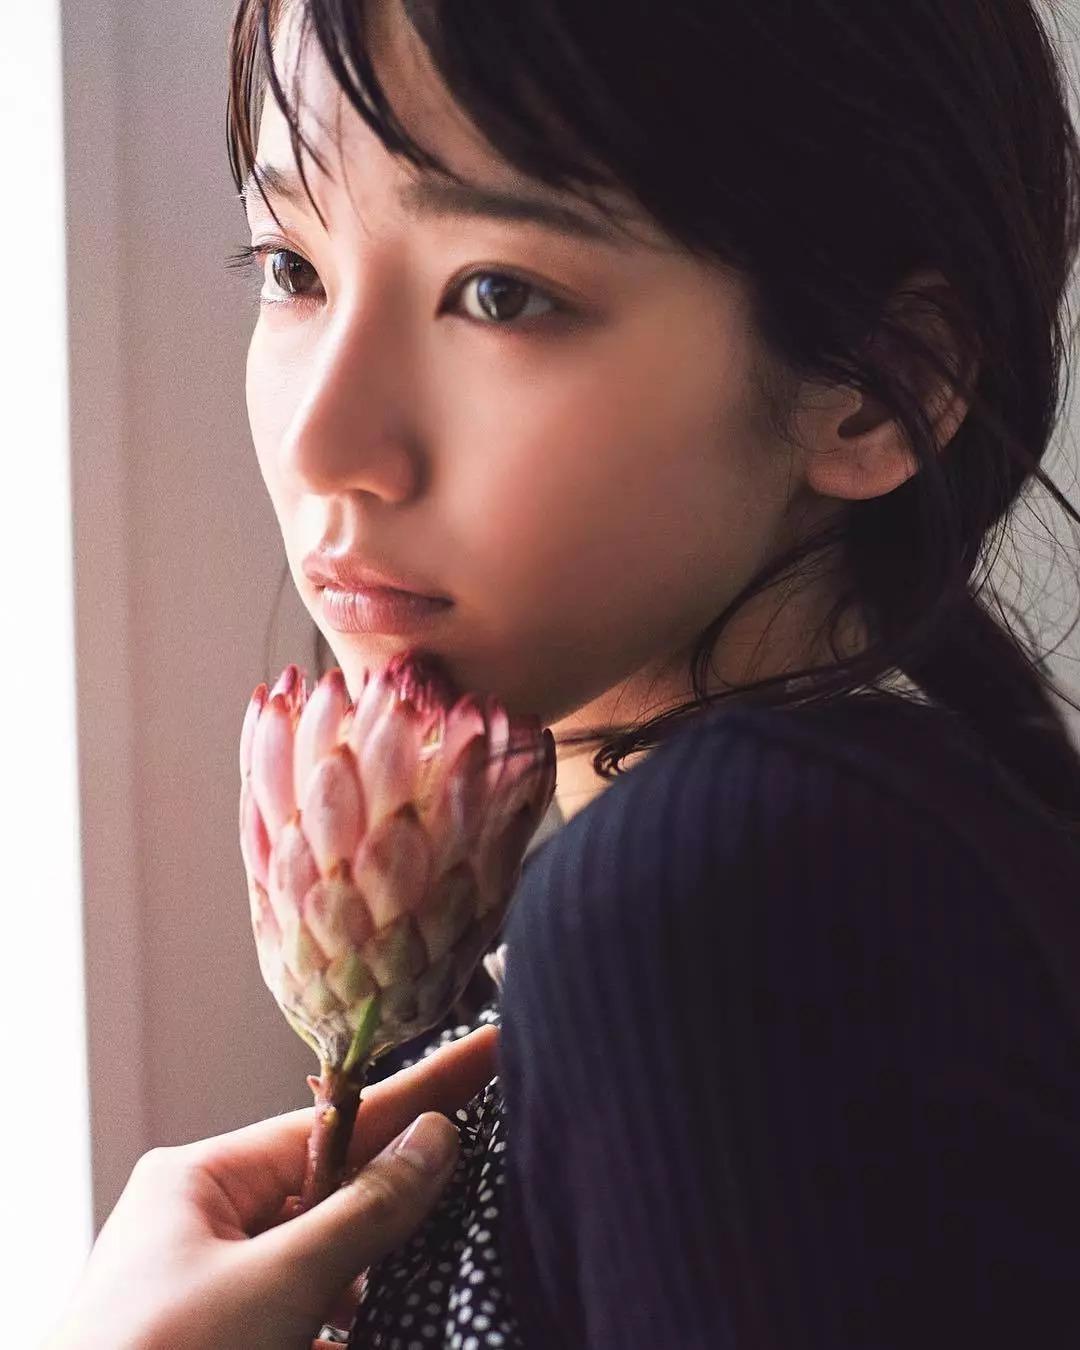 治愈系魔性之女吉冈里帆写真作品 (220)